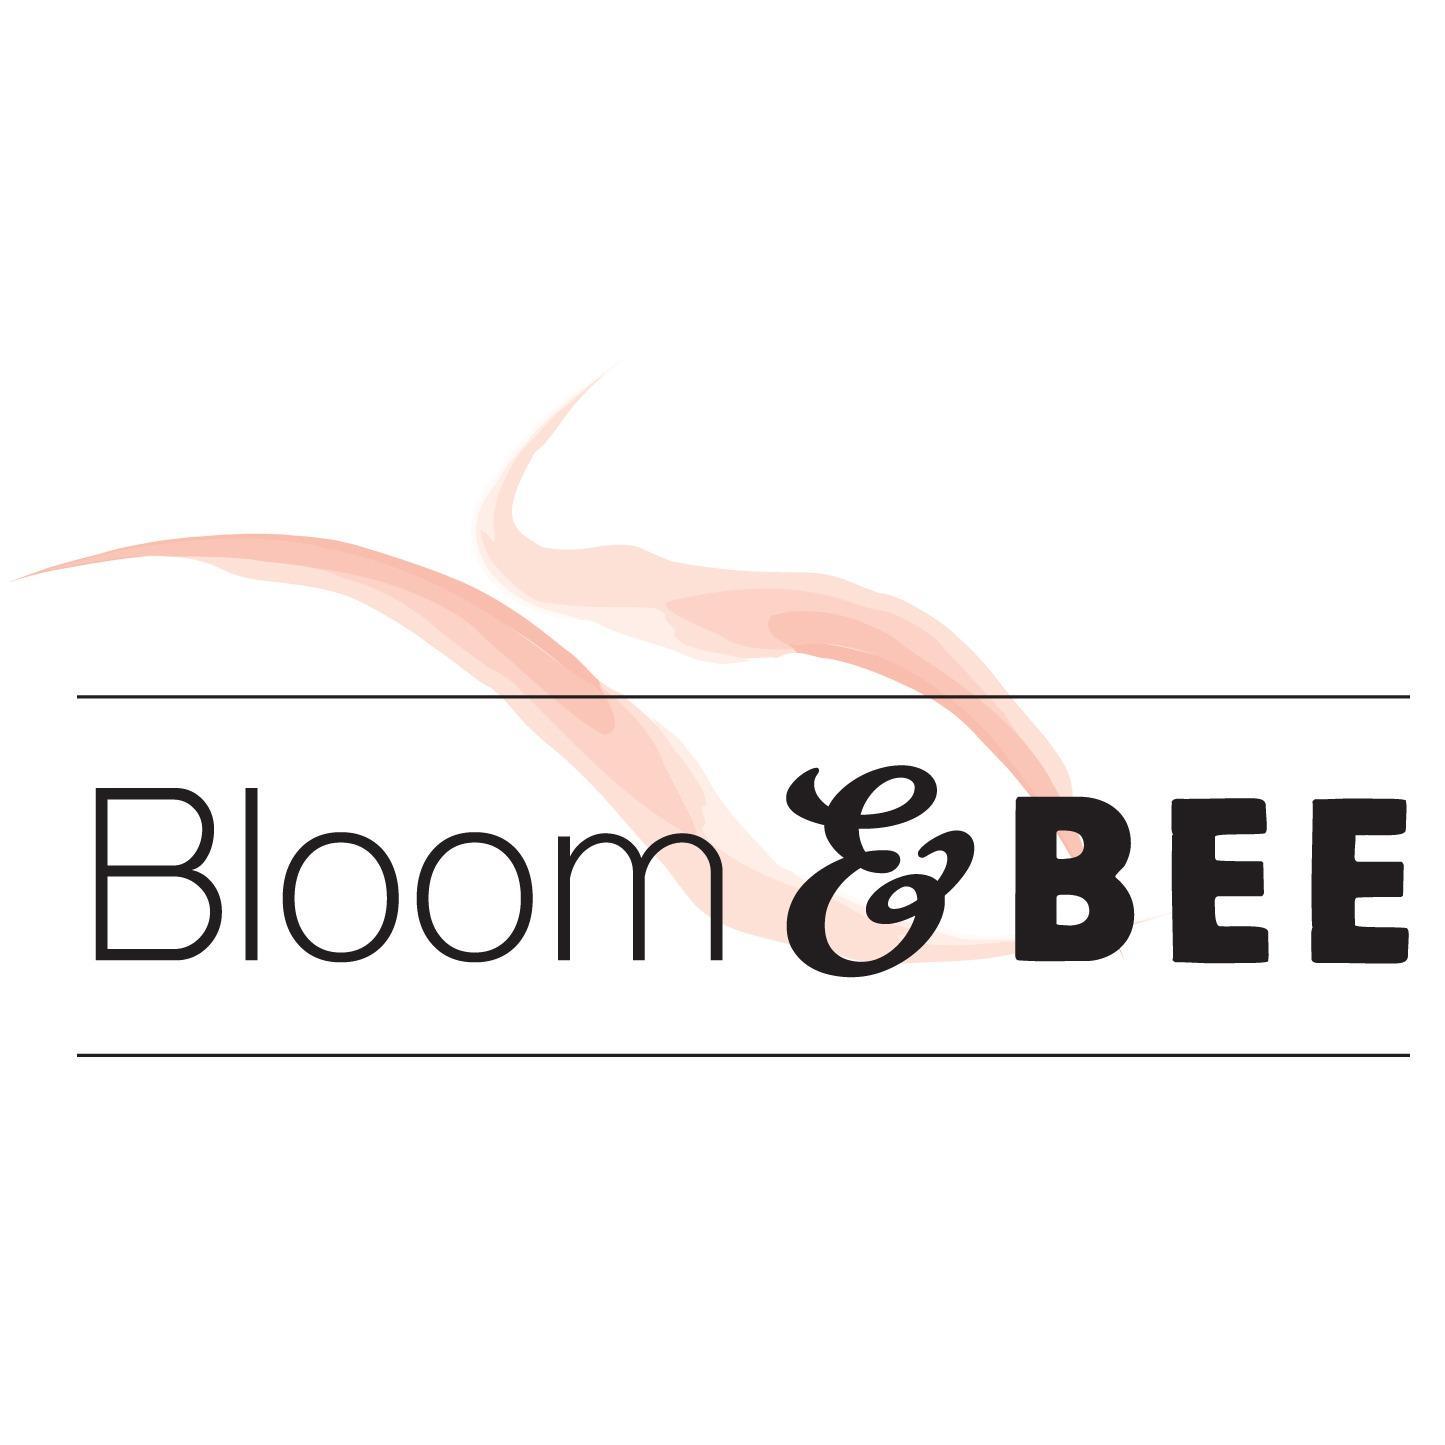 Bloom & Bee